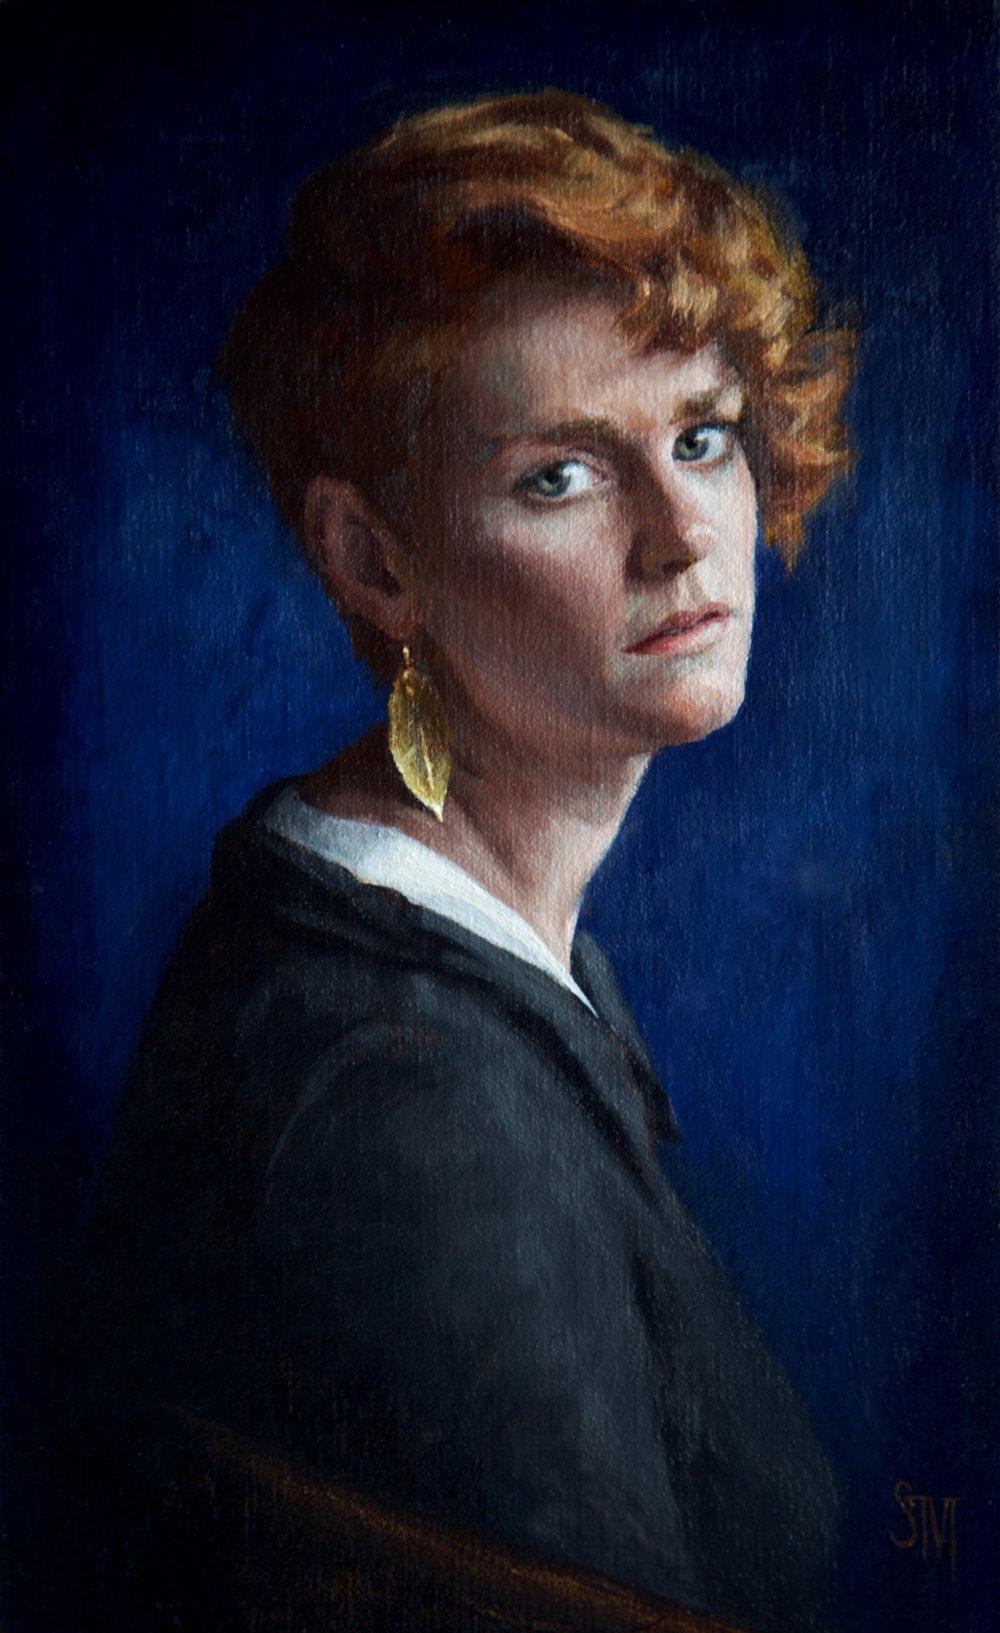 'Kara in Blue', 2016 (c) Sarah-Margaret Gibson